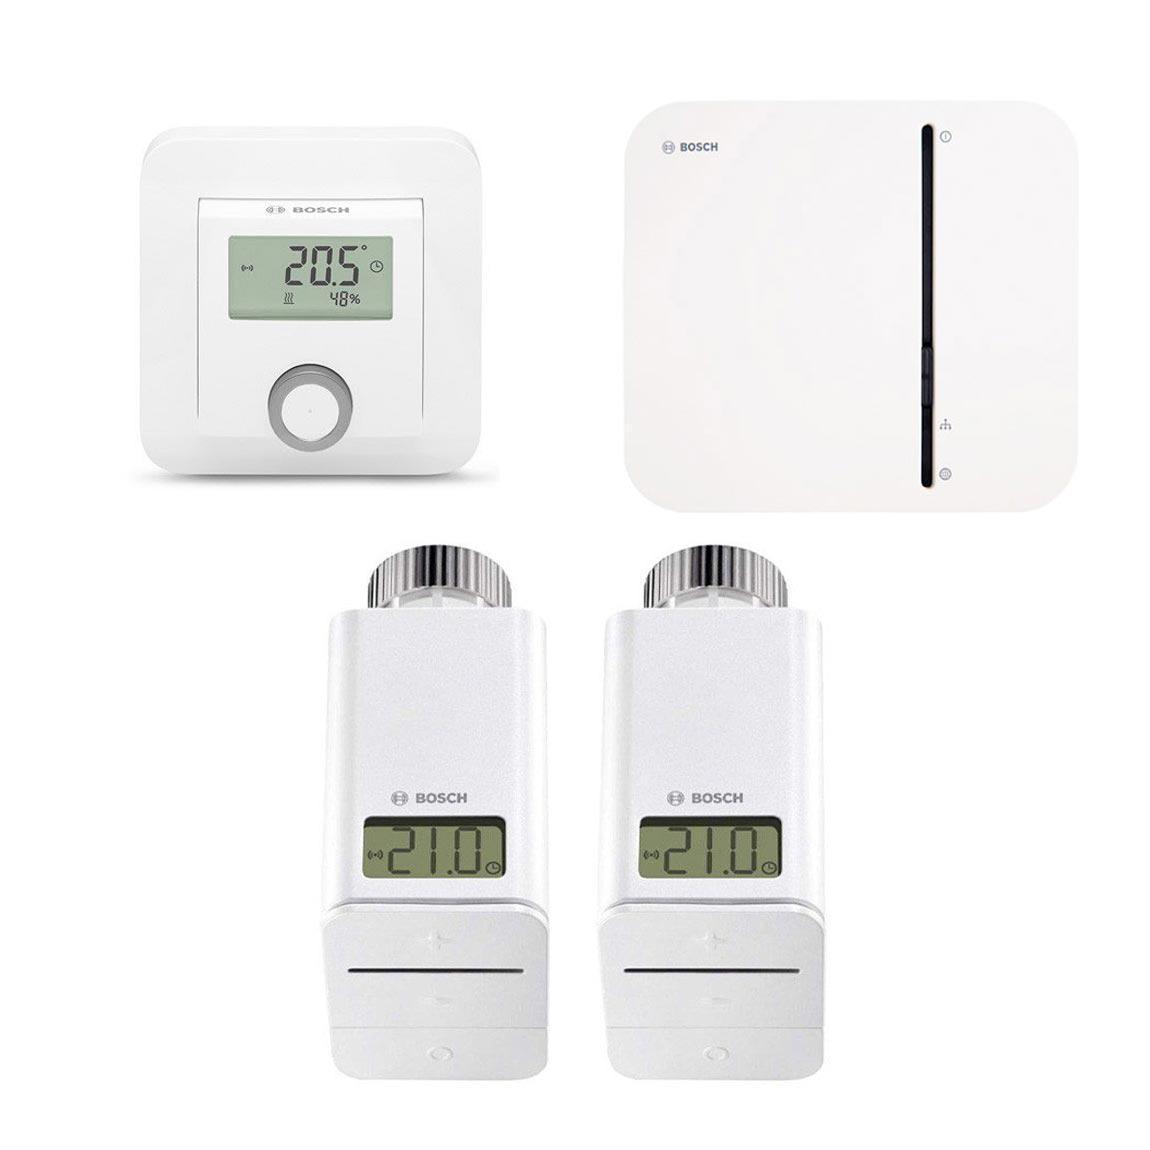 Bosch Smart Home - Starter Set Heizung mit 2 Heizkörperthermostaten + Raumthermostat